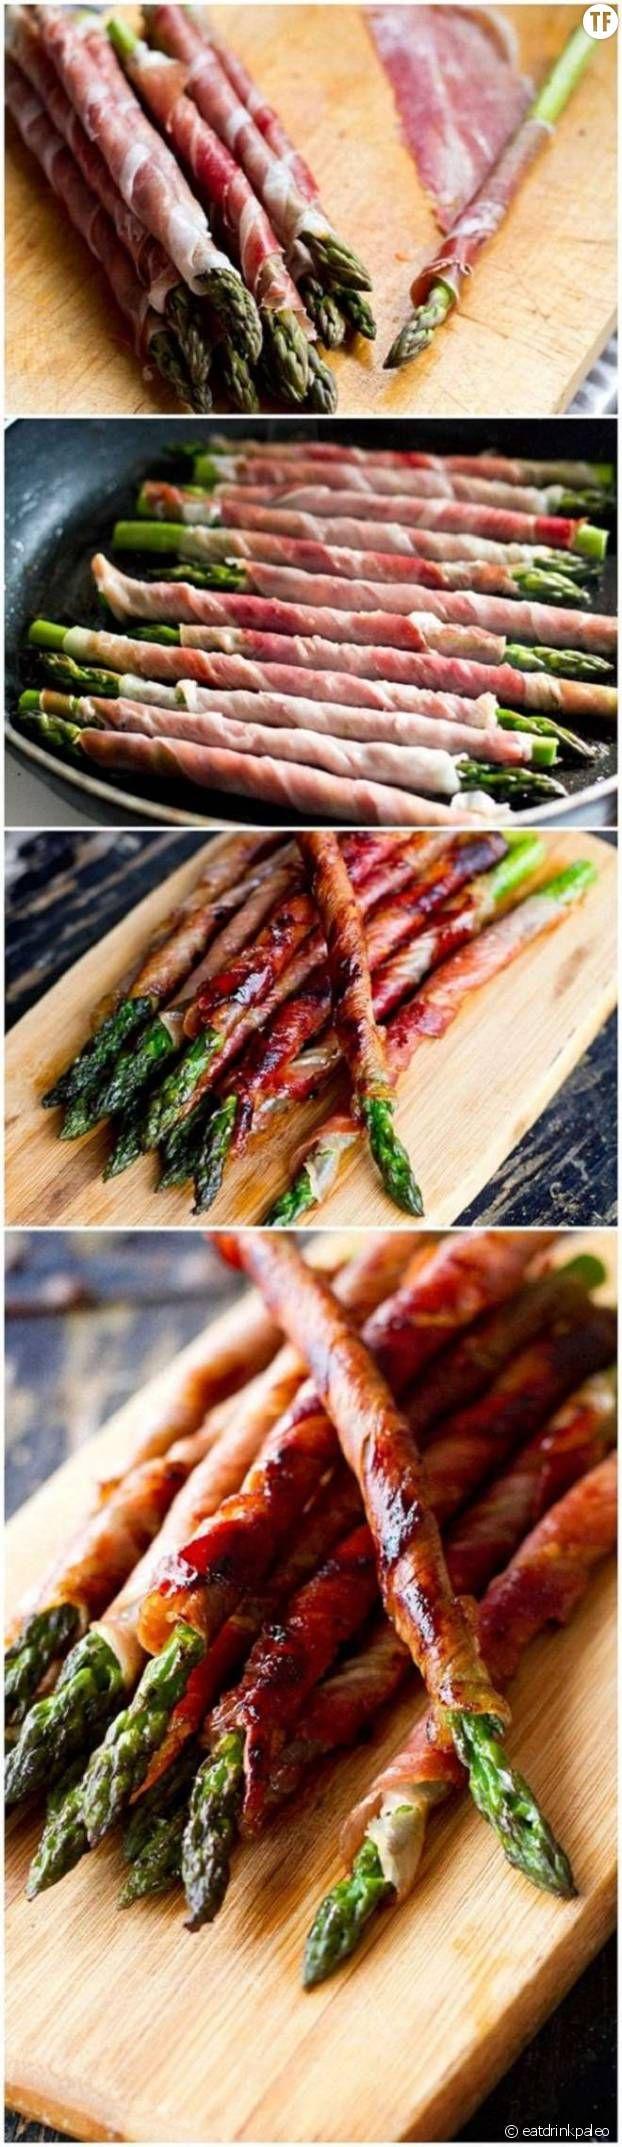 Les roulés d'asperges au jambon : une idée originale et hyper simple à réaliser